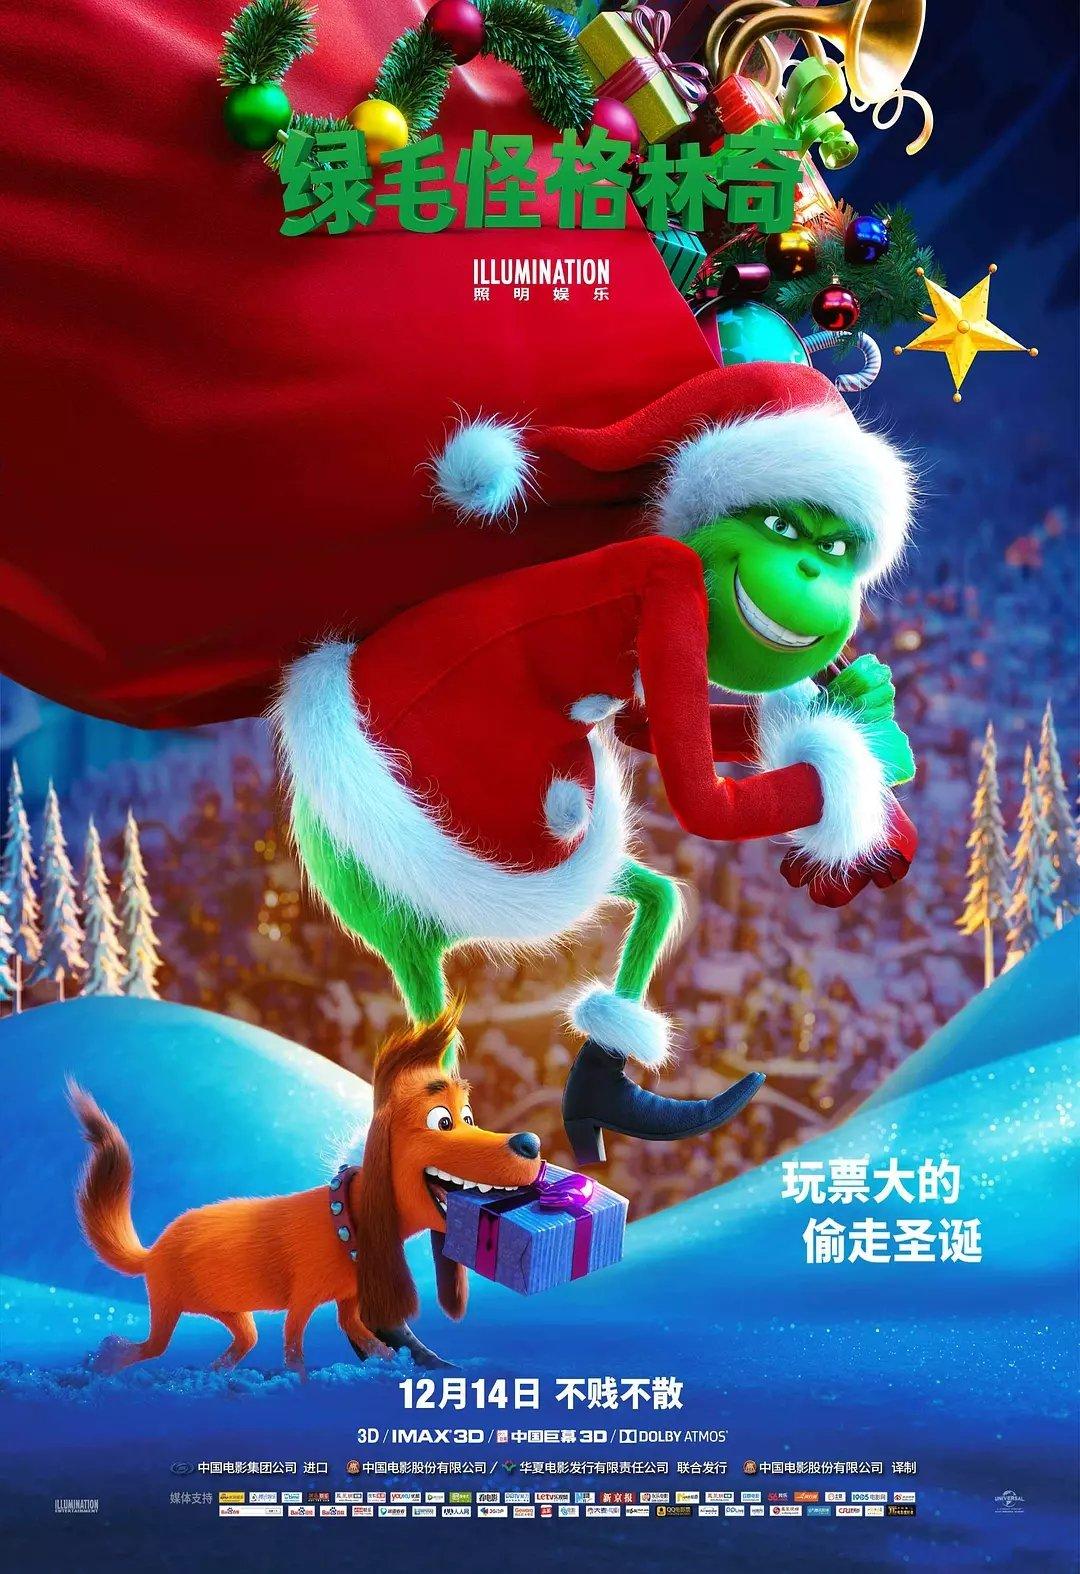 绿毛怪格林奇 [圣诞节动画,提名多个动画类奖项]